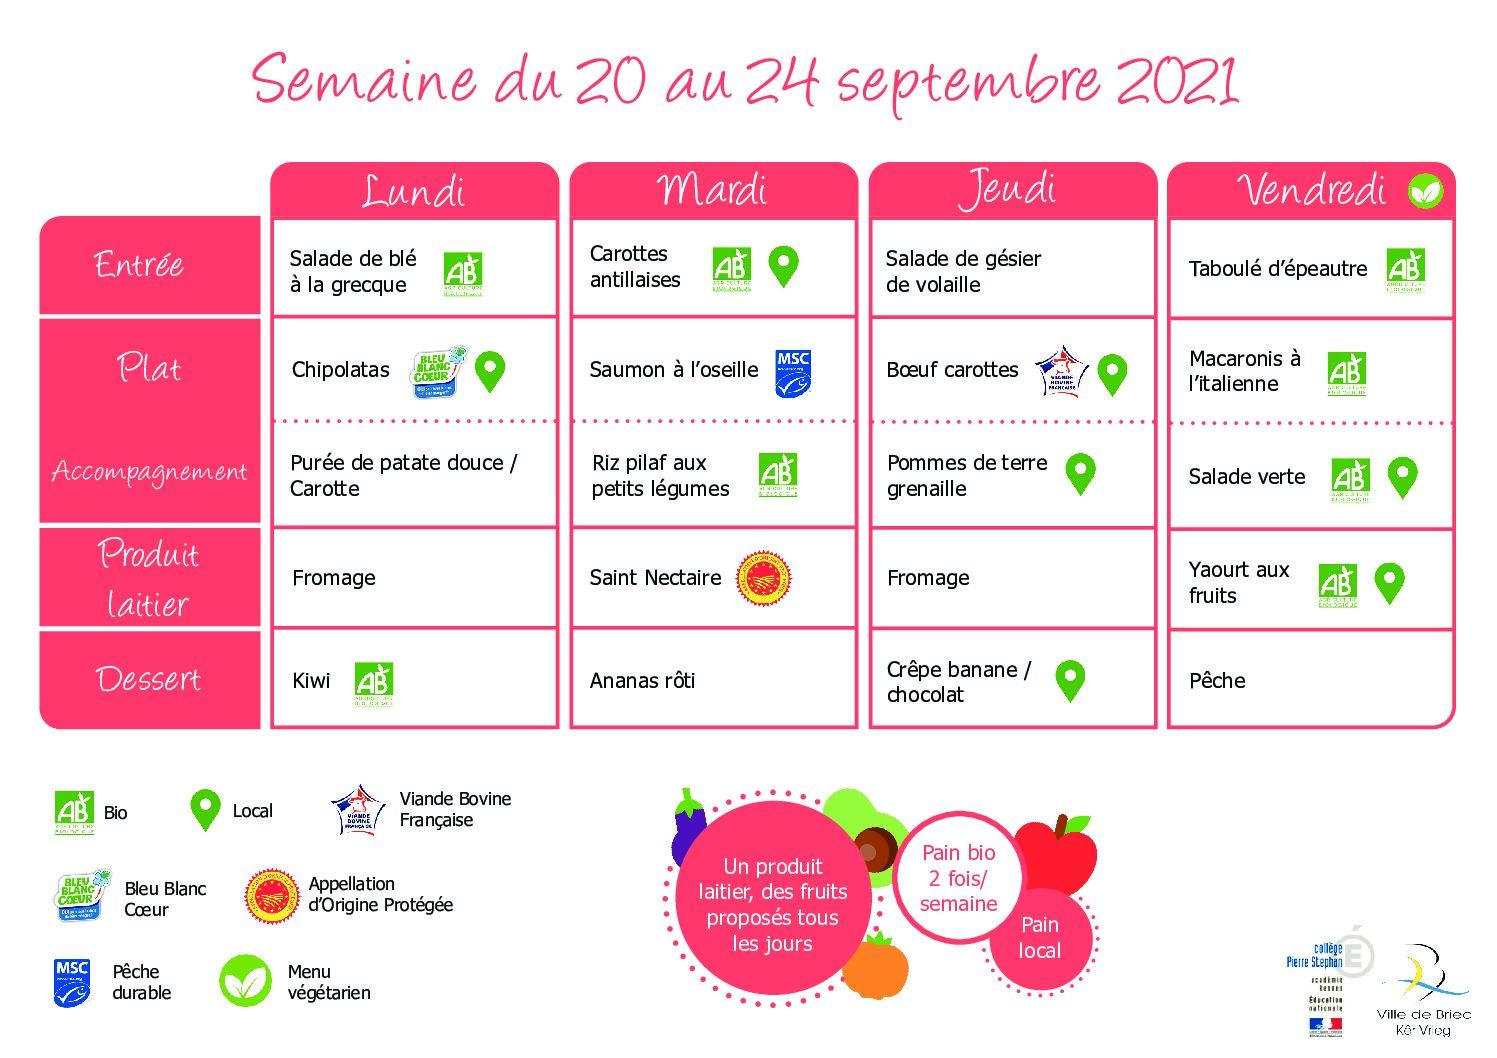 semaine-du-20-au-24-septembre-2021-pdf